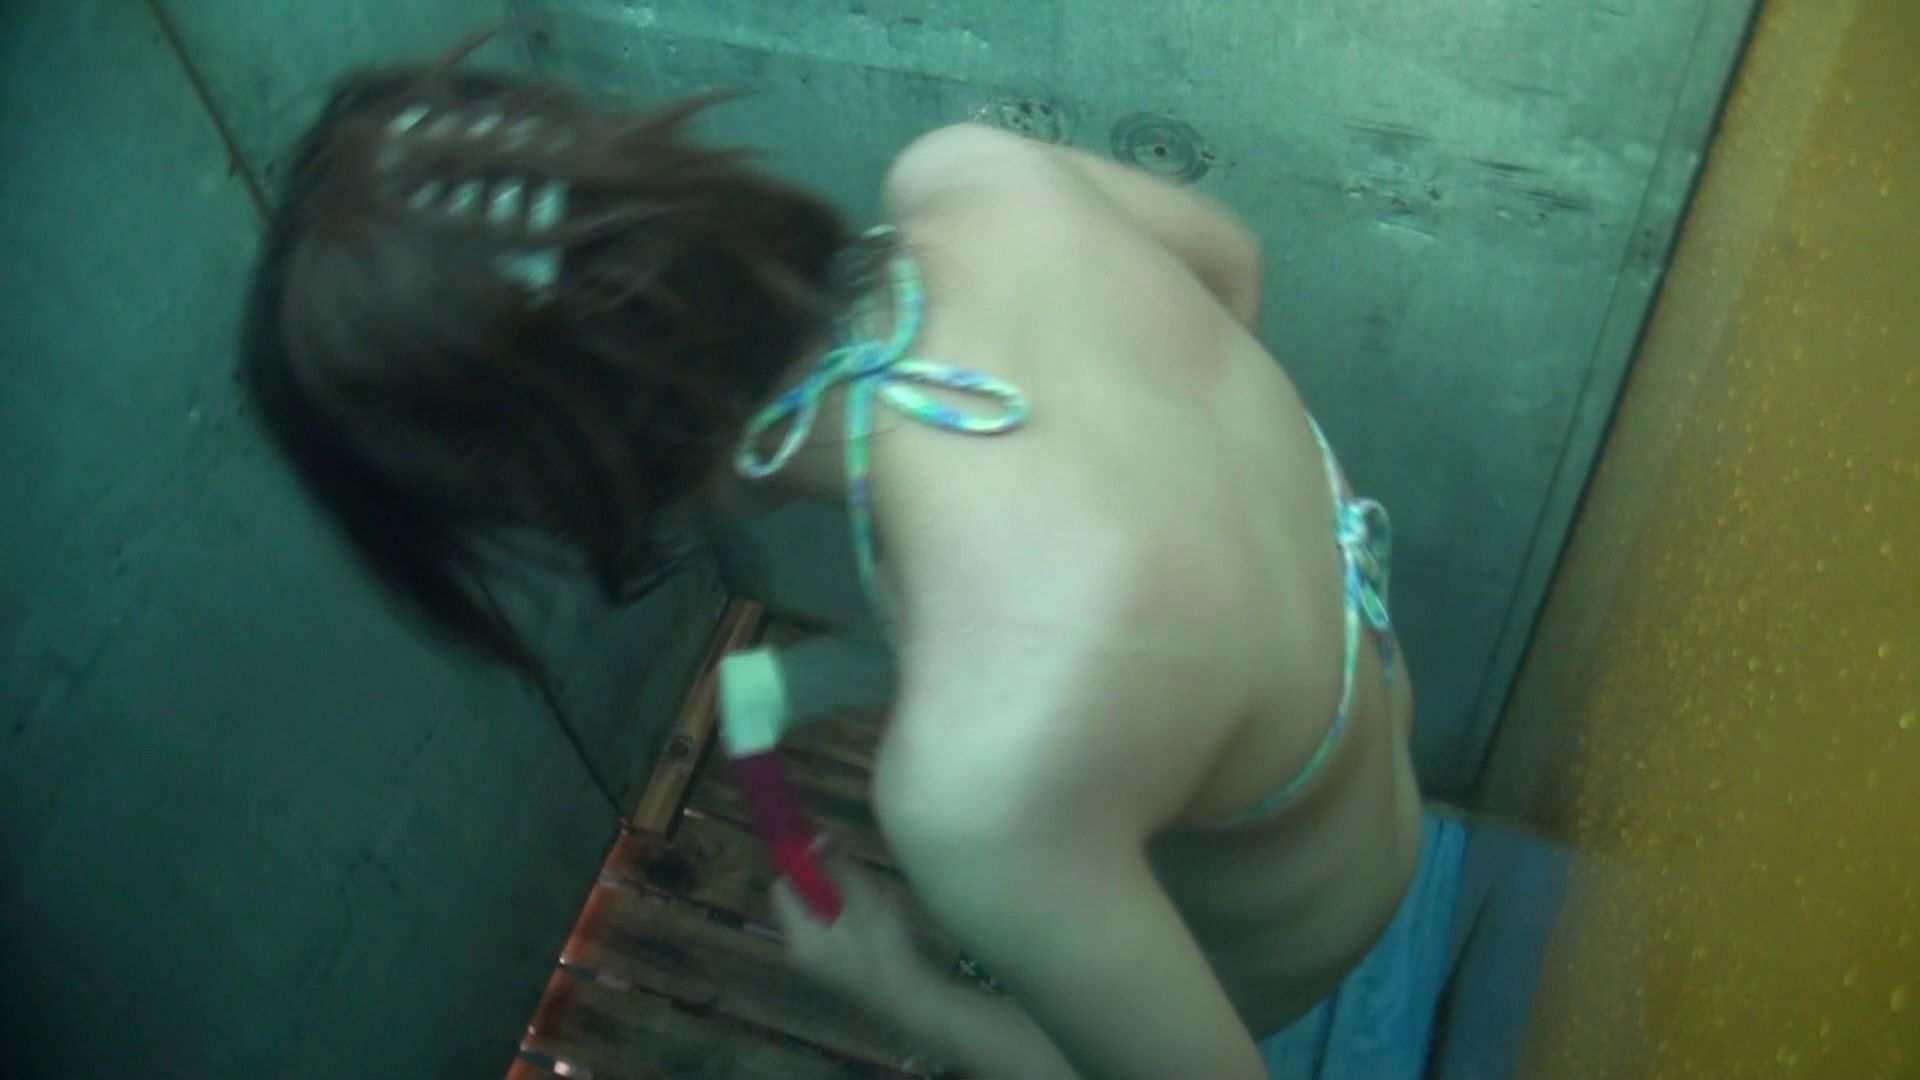 シャワールームは超!!危険な香りVol.15 残念ですが乳首未確認 マンコの砂は入念に マンコ   乳首  48連発 26